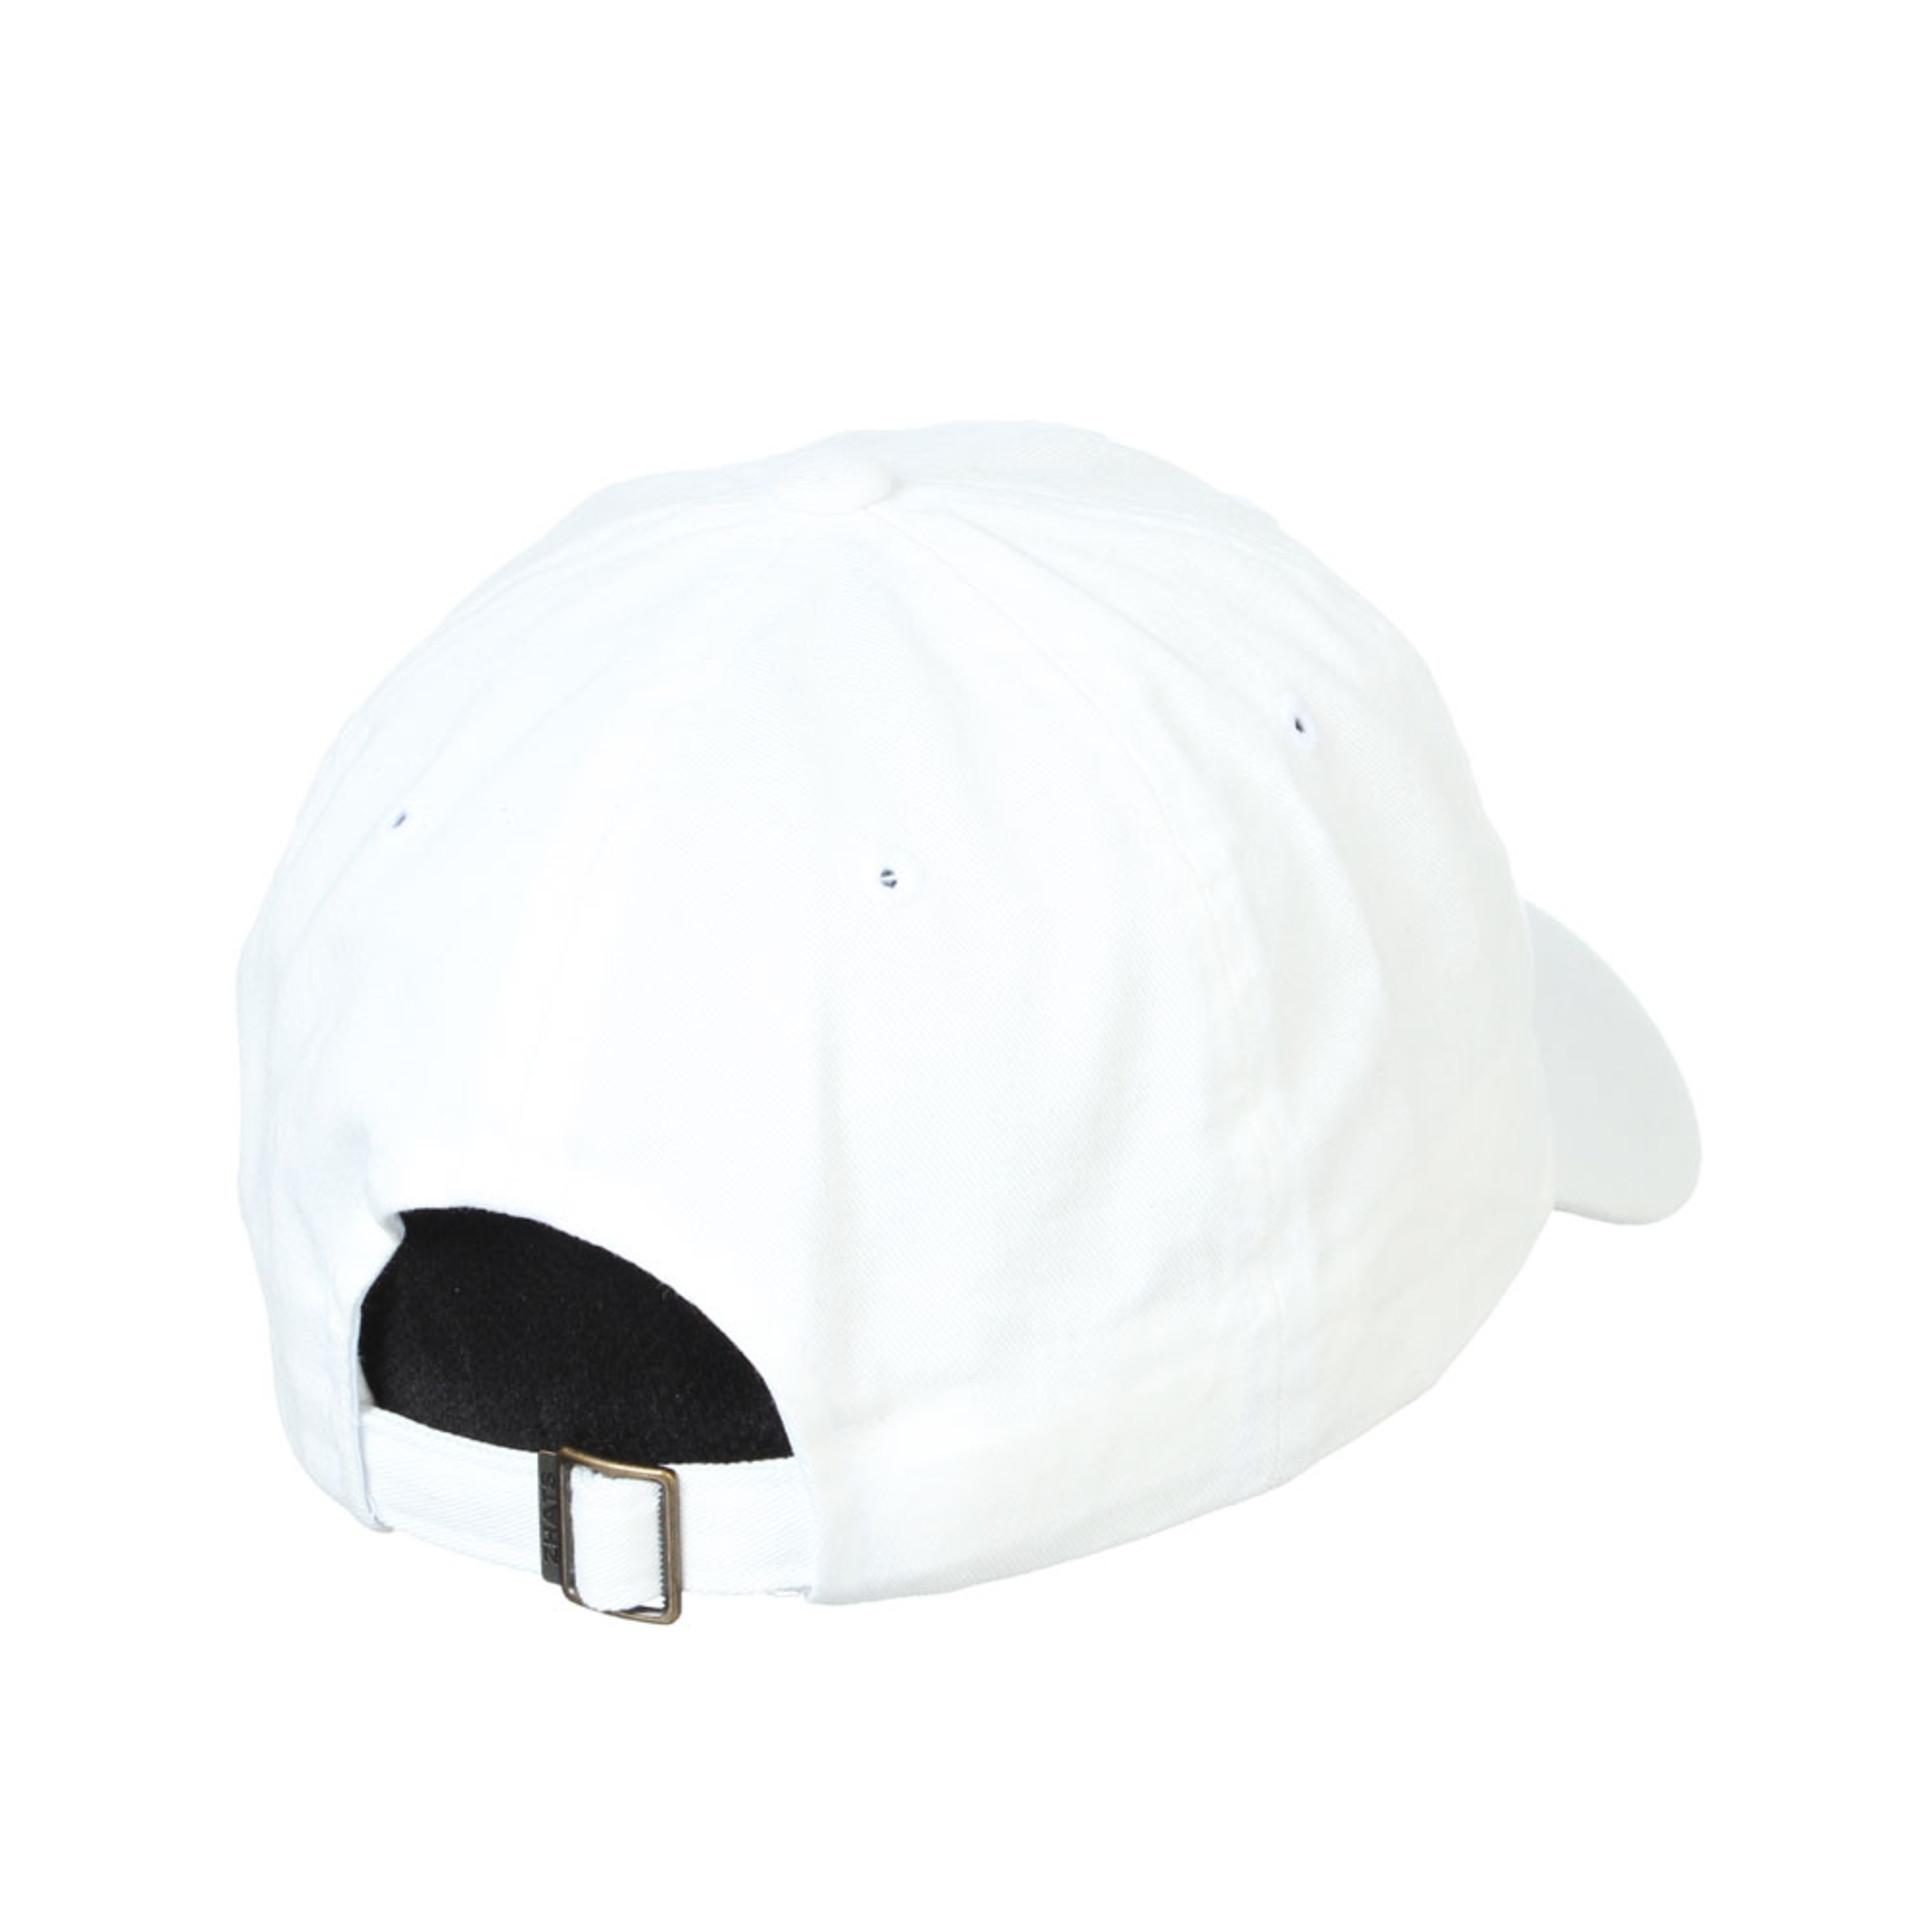 Zephyr Unisex White Washington W Collegian Adjustable Hat – Back